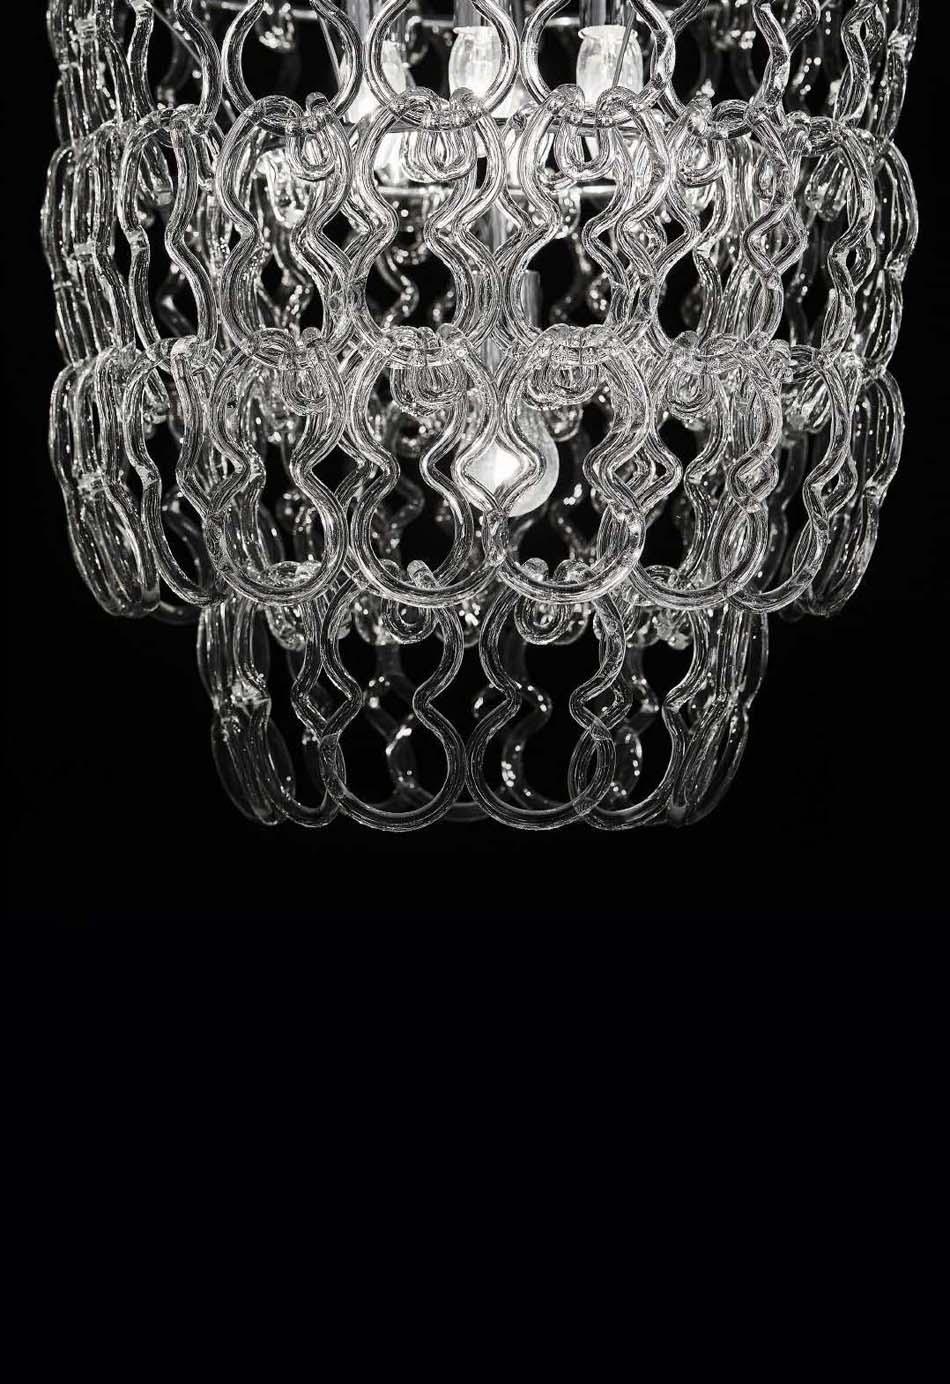 Lampade 25 sospese Ideal Lux Alba – Toscana Arredamenti